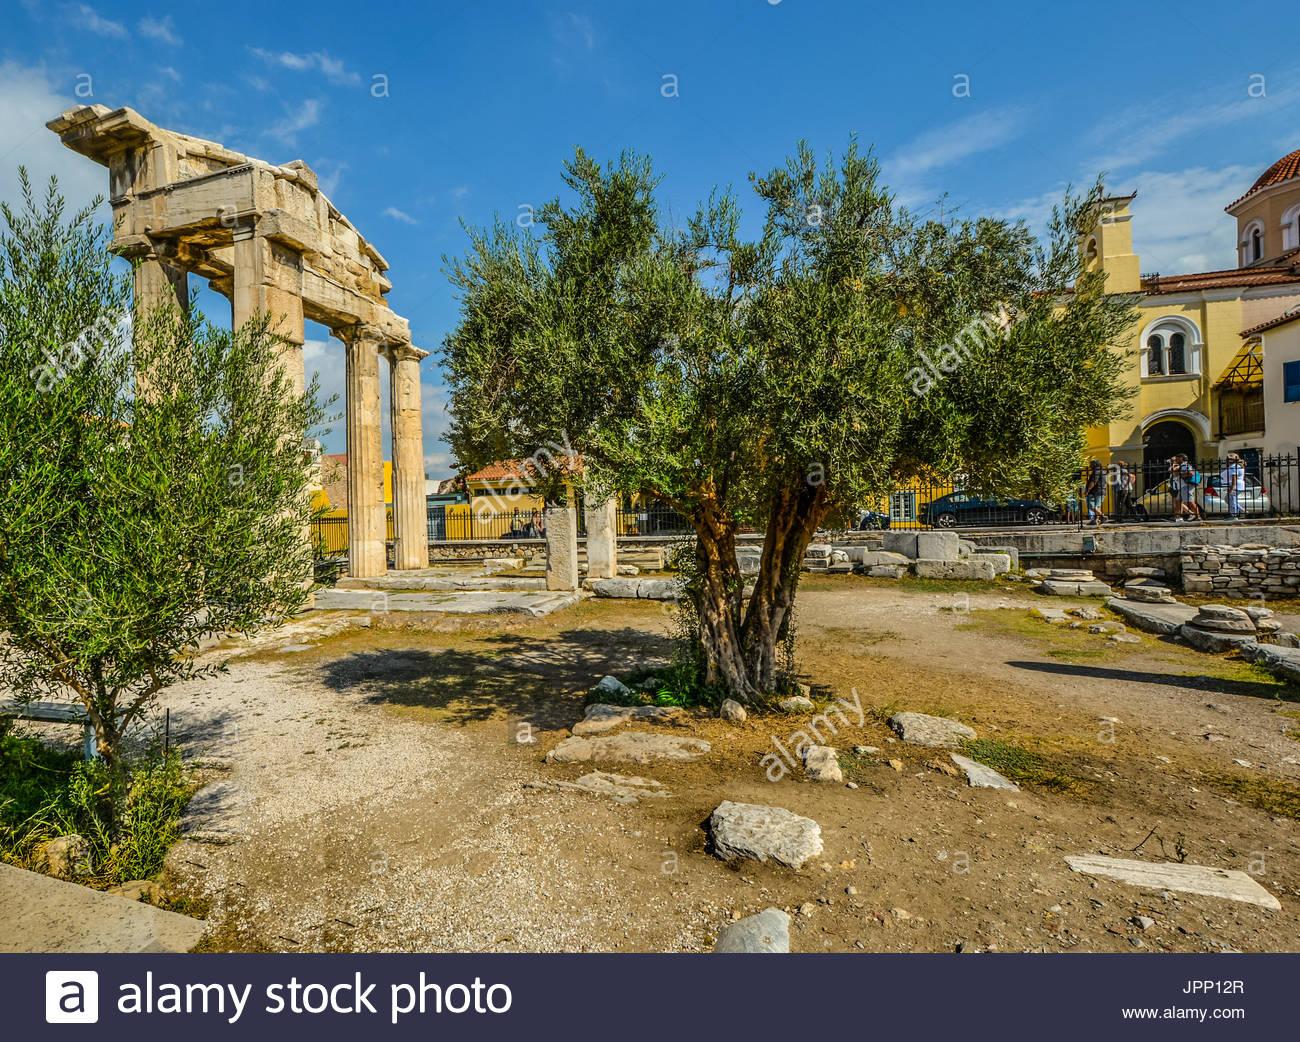 La porta di Atena Archegetis in età romana Agorà di Atene in Grecia in una calda giornata estiva con un olivo in primo piano Immagini Stock